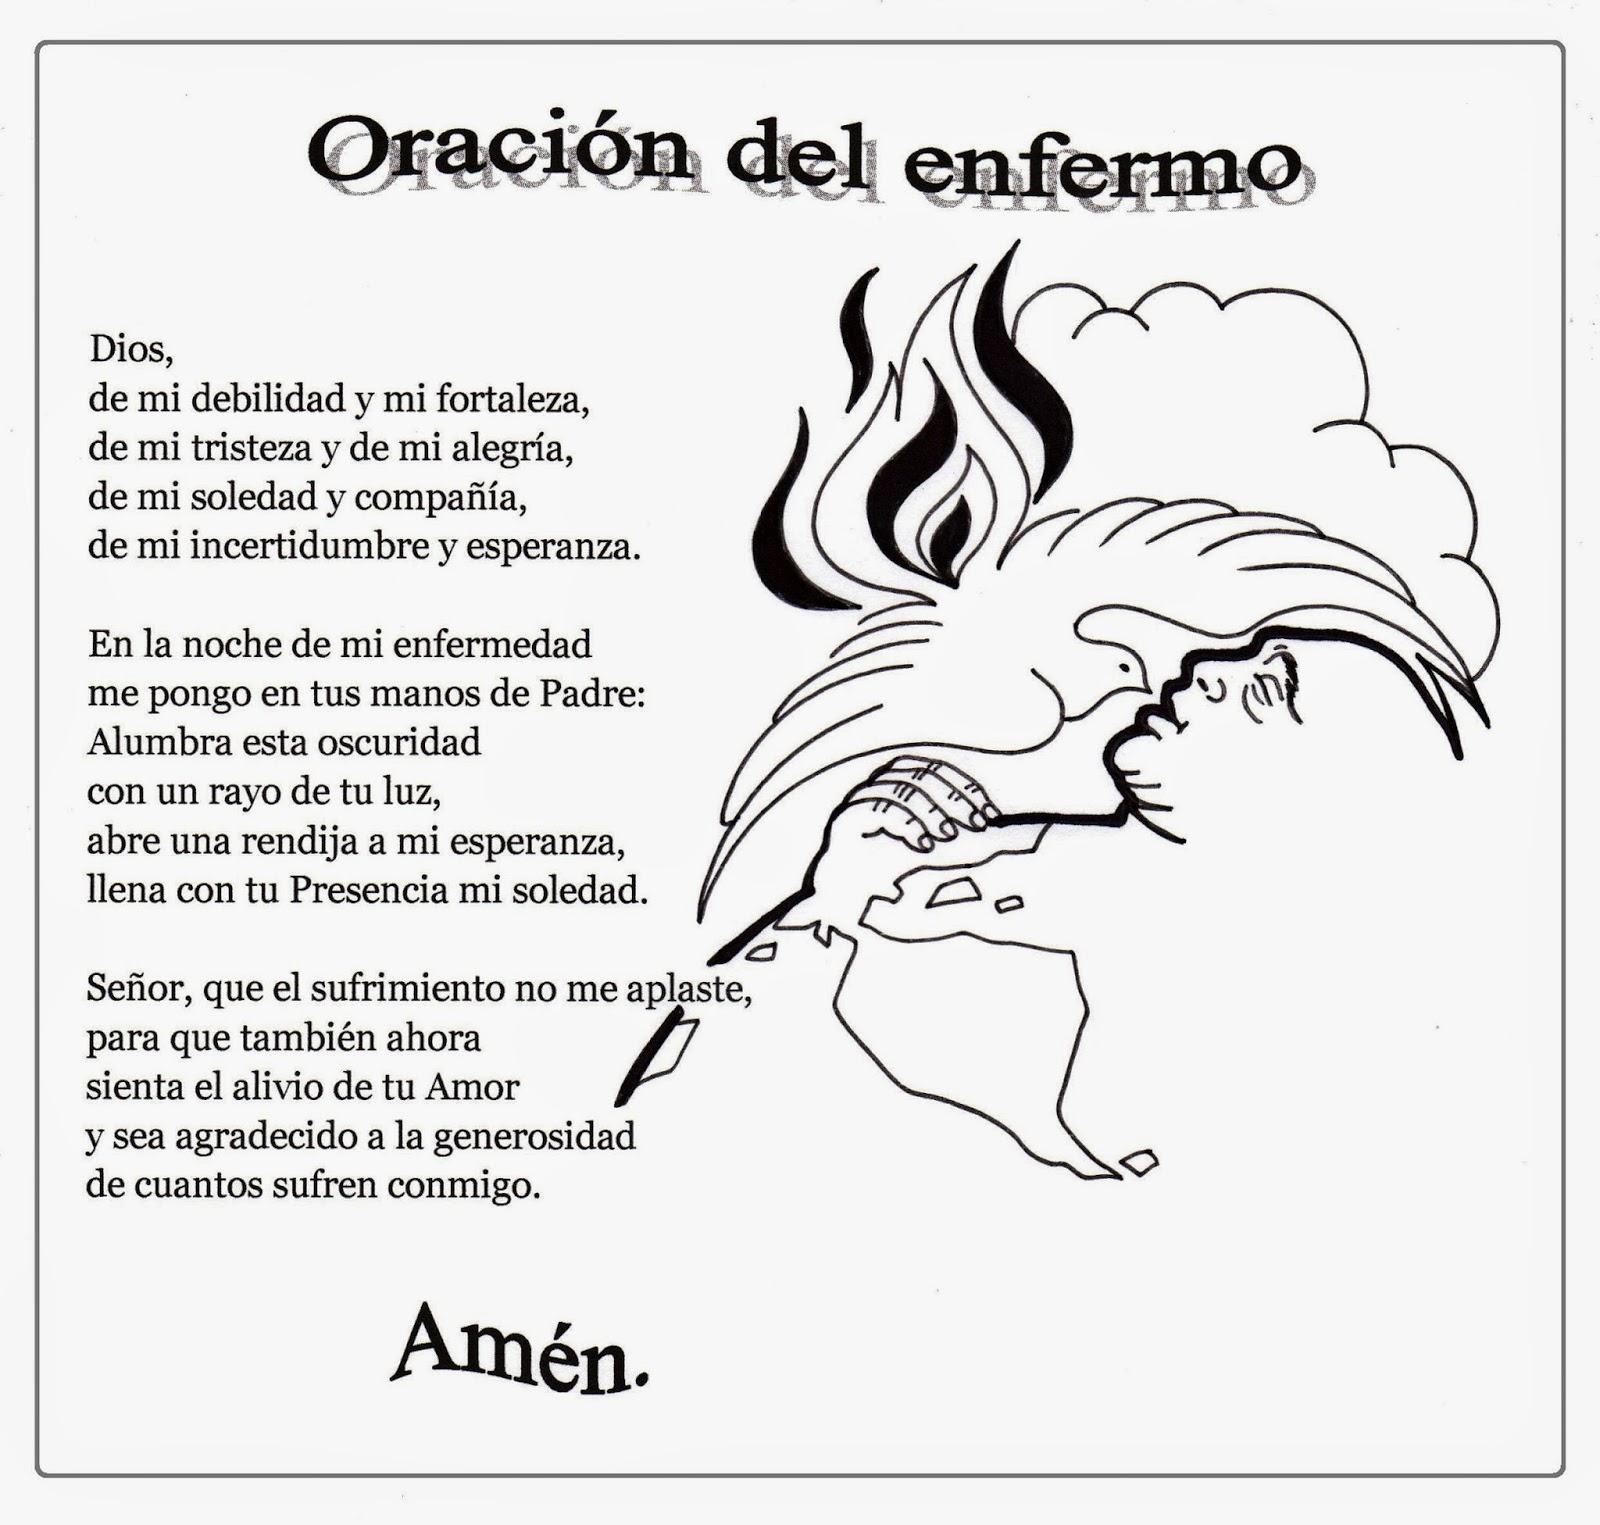 El Rincón de las Melli: Oración del enfermo